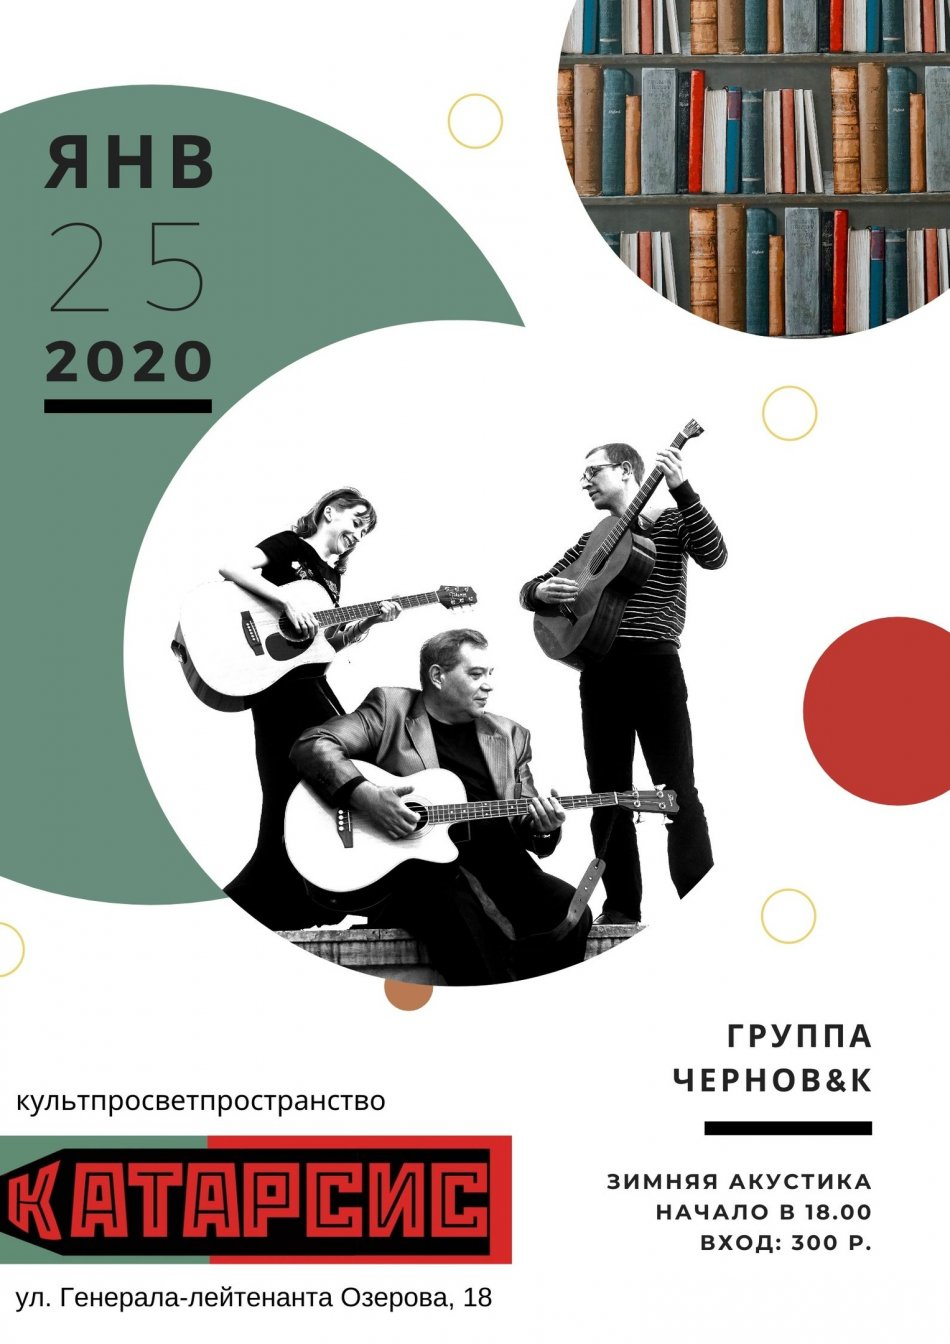 Концерт группы Чернов&К